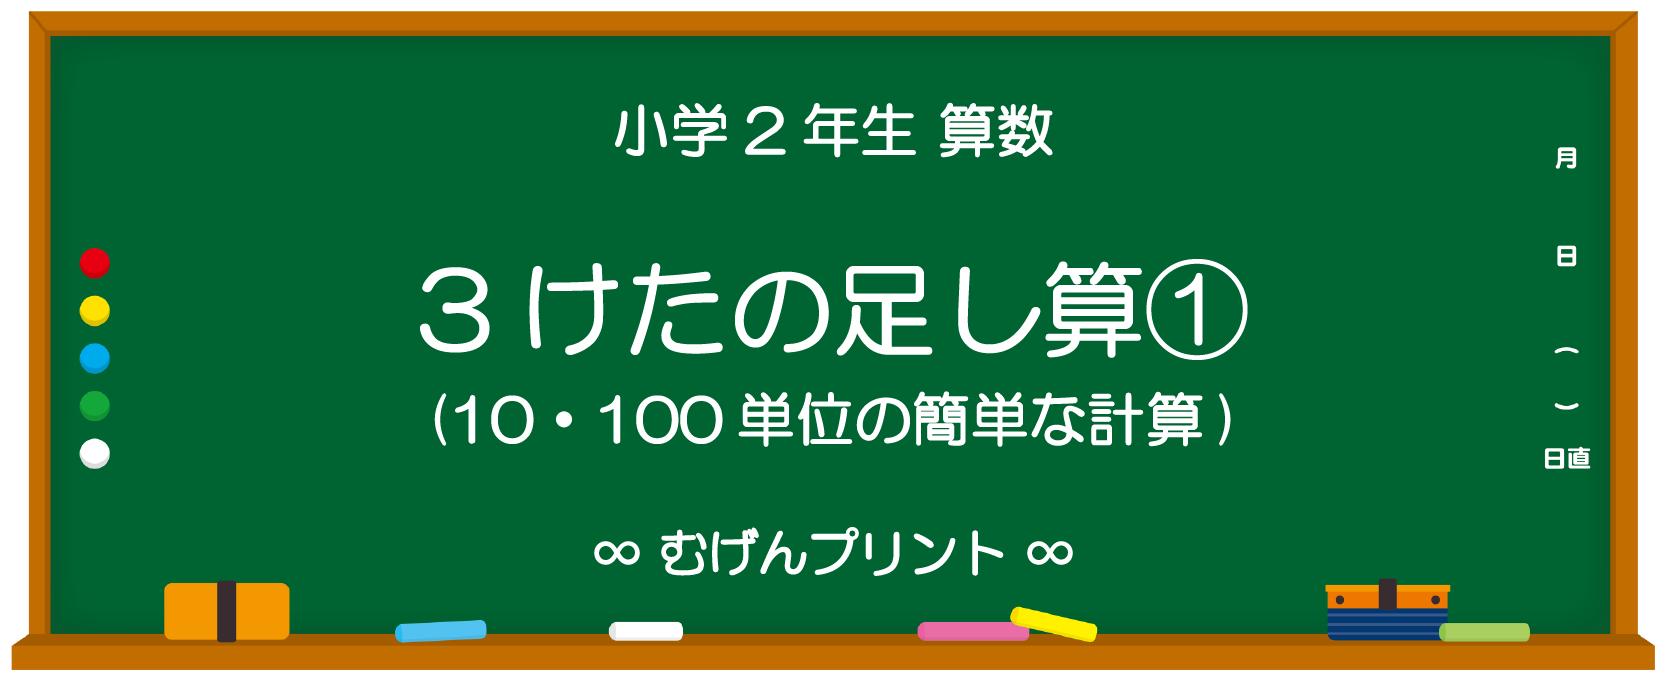 【小2 算数 無料プリント/ミニテスト/ドリル】3けたの足し算①(10・100単位の簡単な計算)